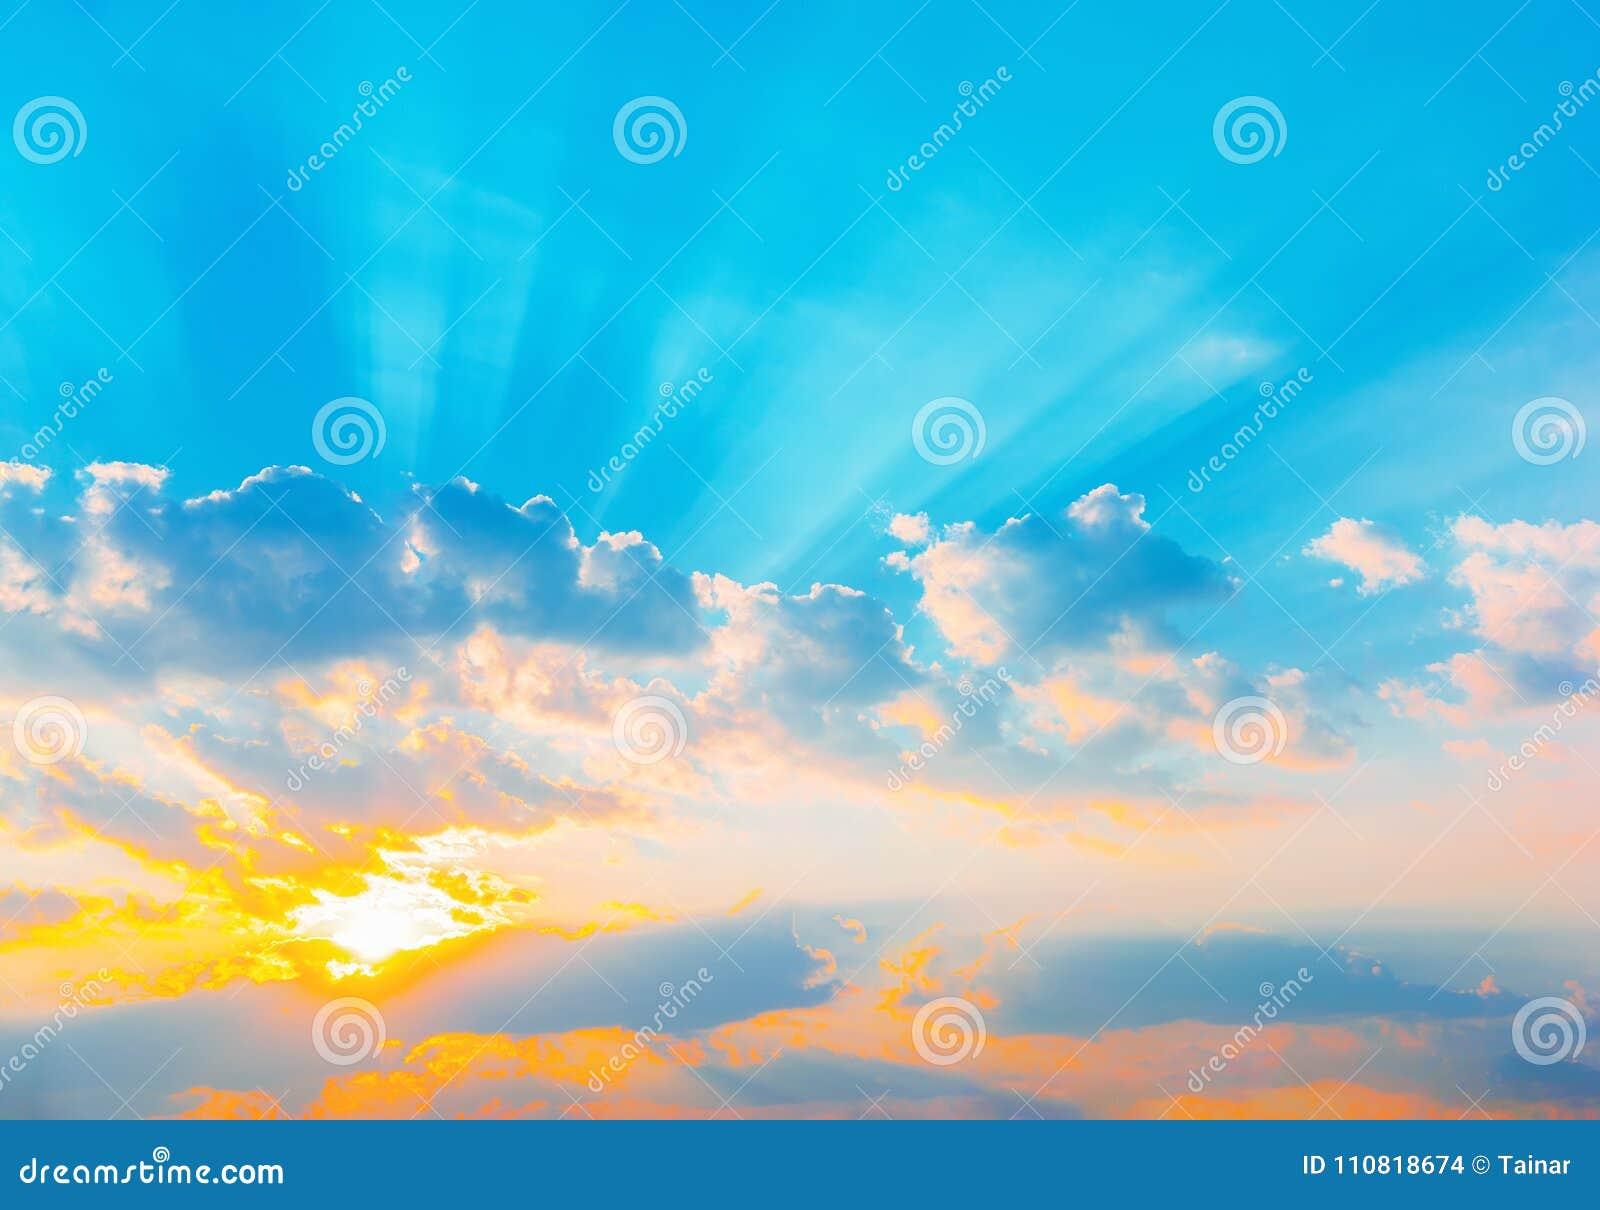 Rays dramatisk blå himmel för soluppgång med den orange solen avbrott till och med molnen mot bakgrund field blåa oklarheter för